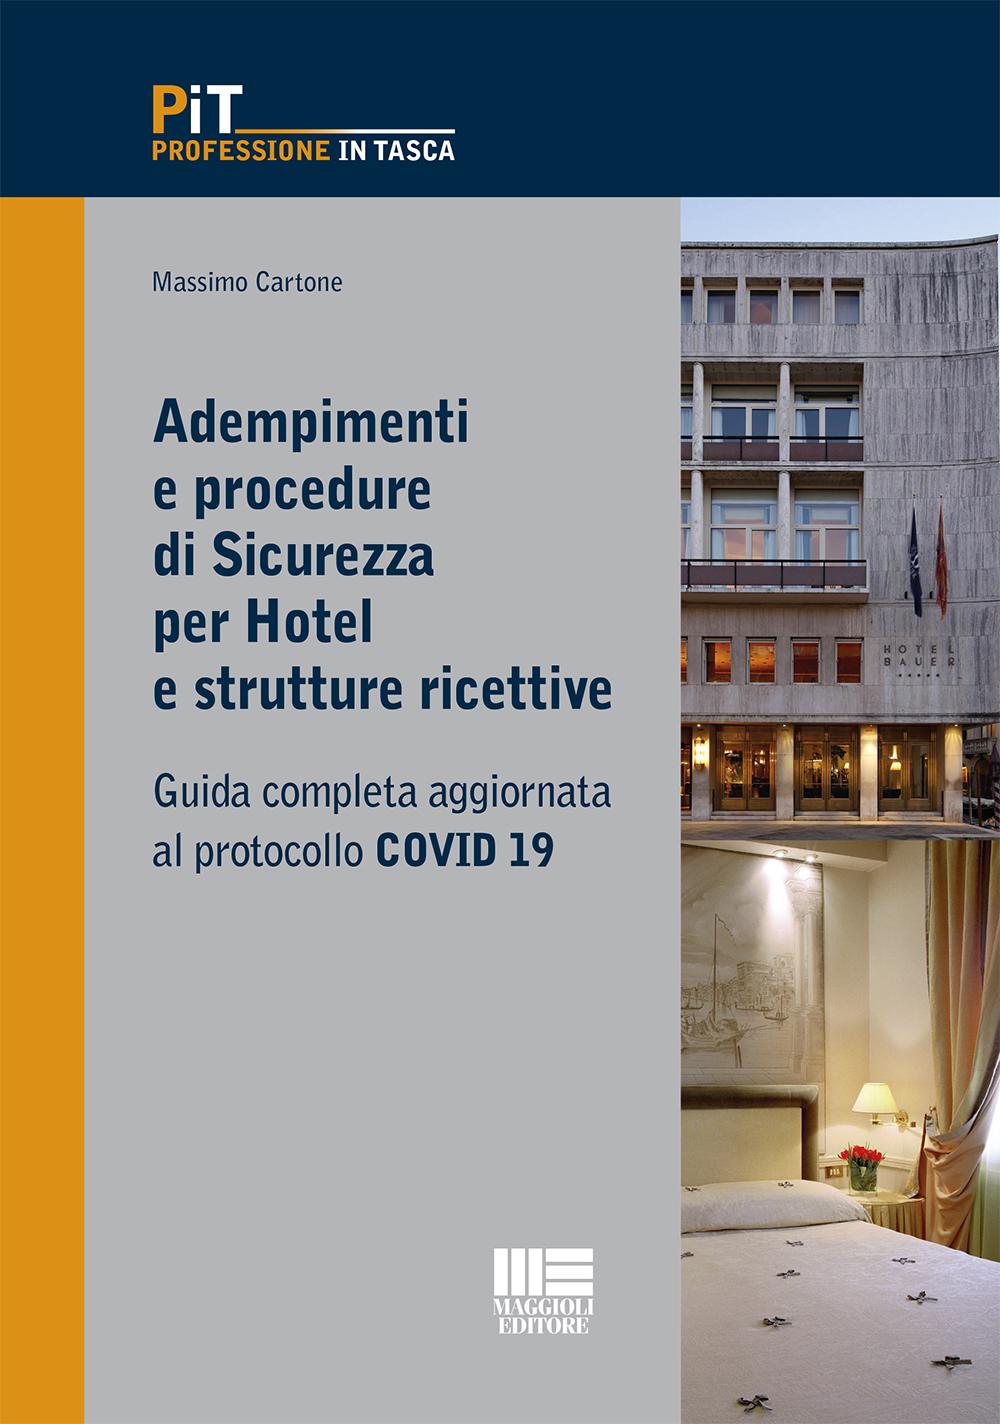 Adempimenti e procedure di Sicurezza per Hotel e strutture ricettive